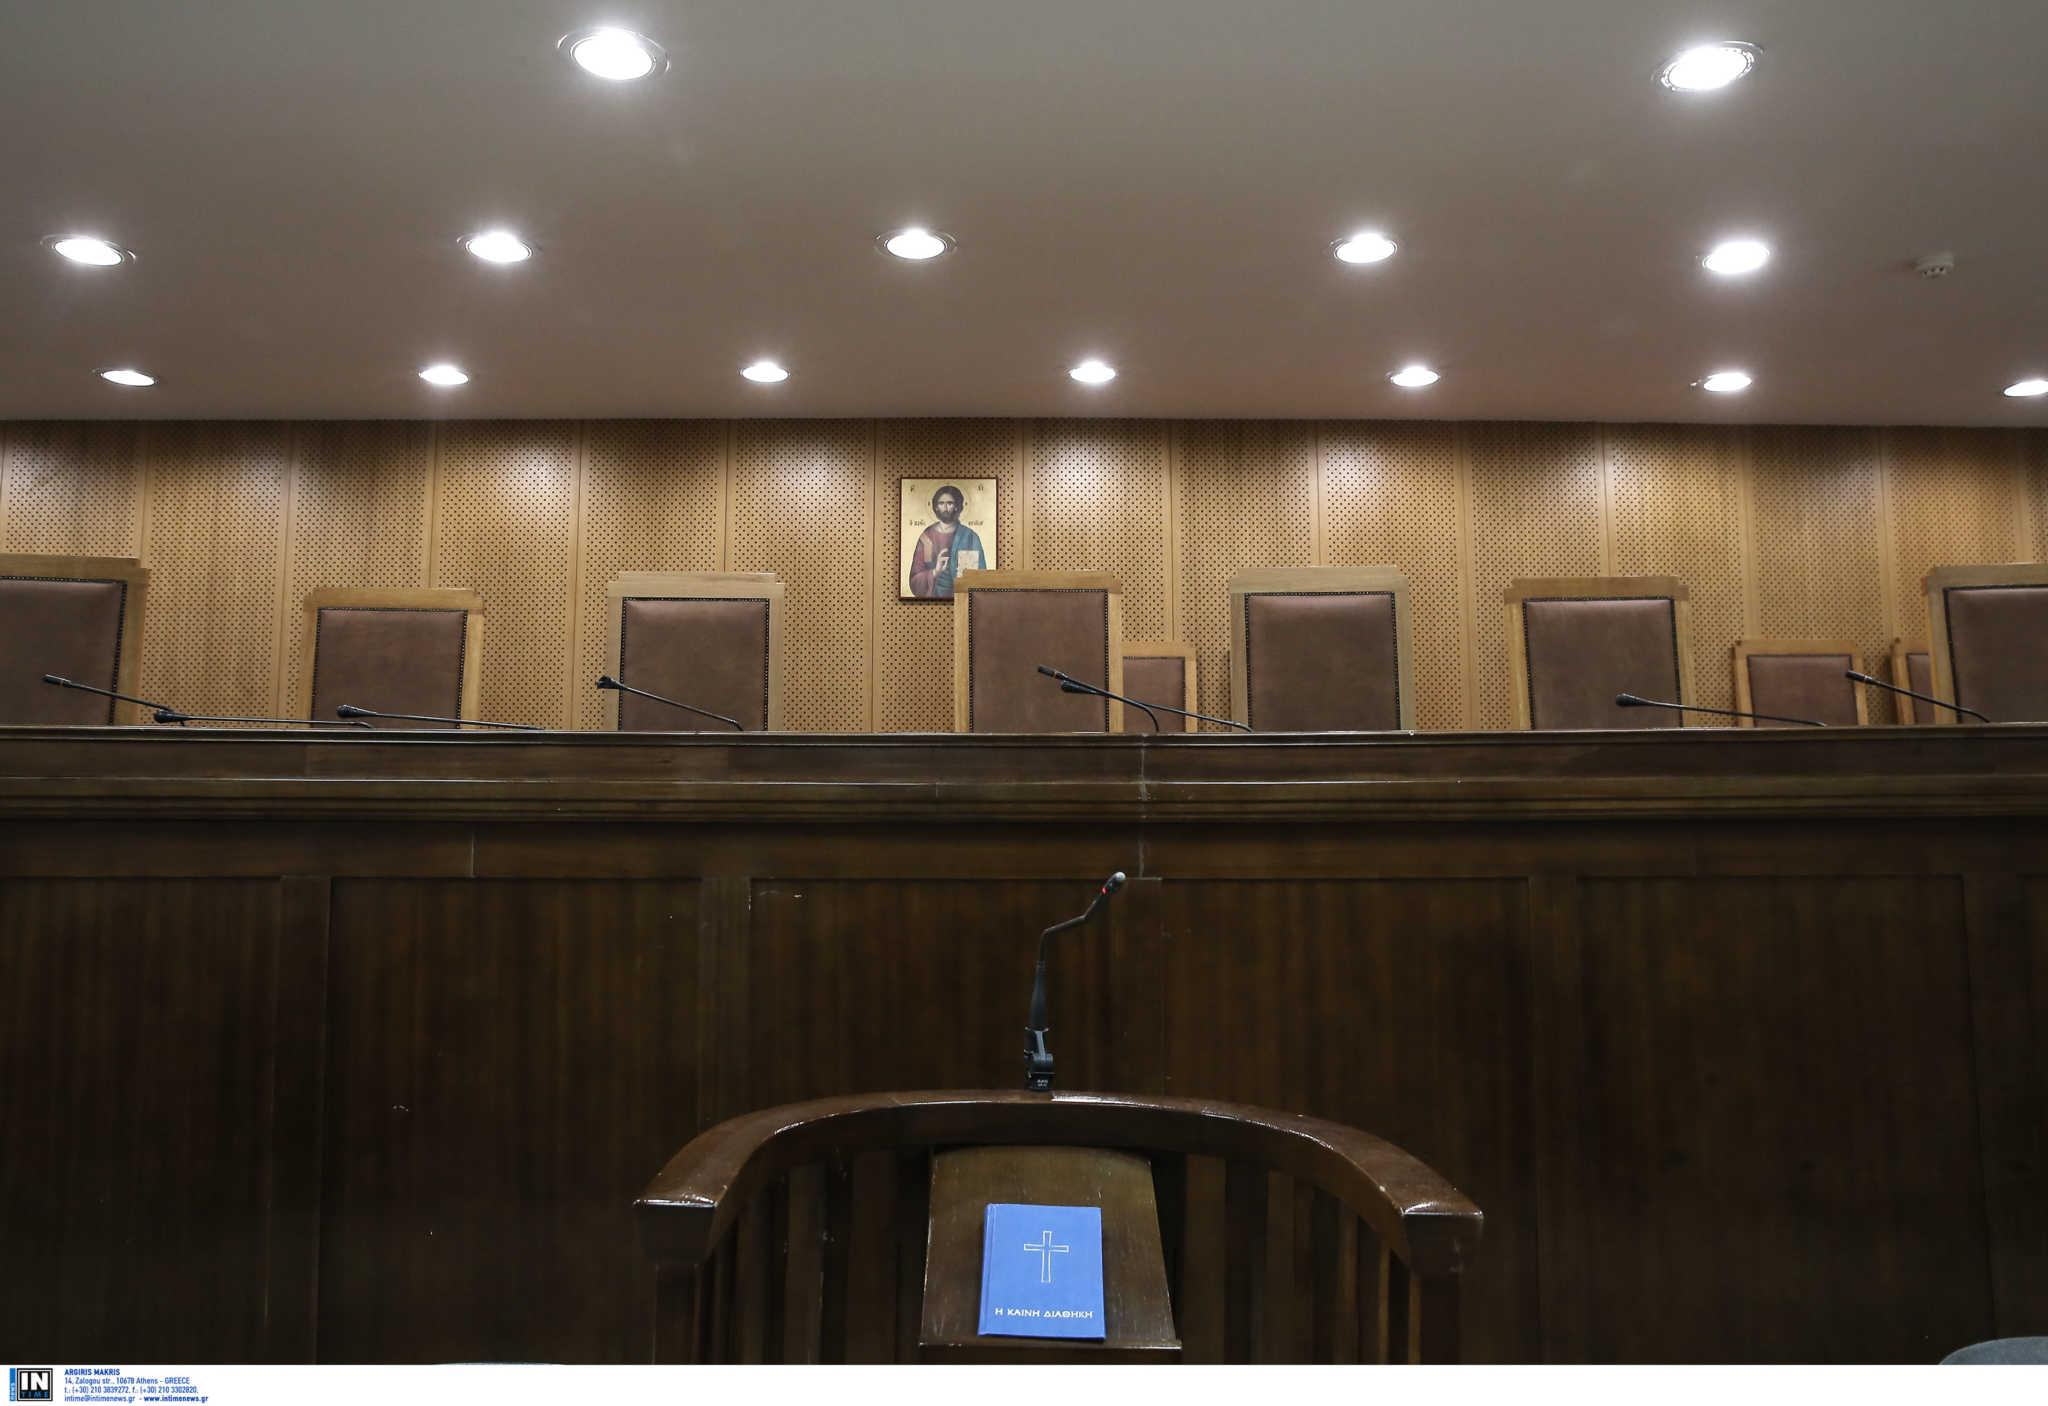 Ένωση Εισαγγελέων: Να γίνει κατ' εξαίρεση εμβολιασμός στους δικαστικούς